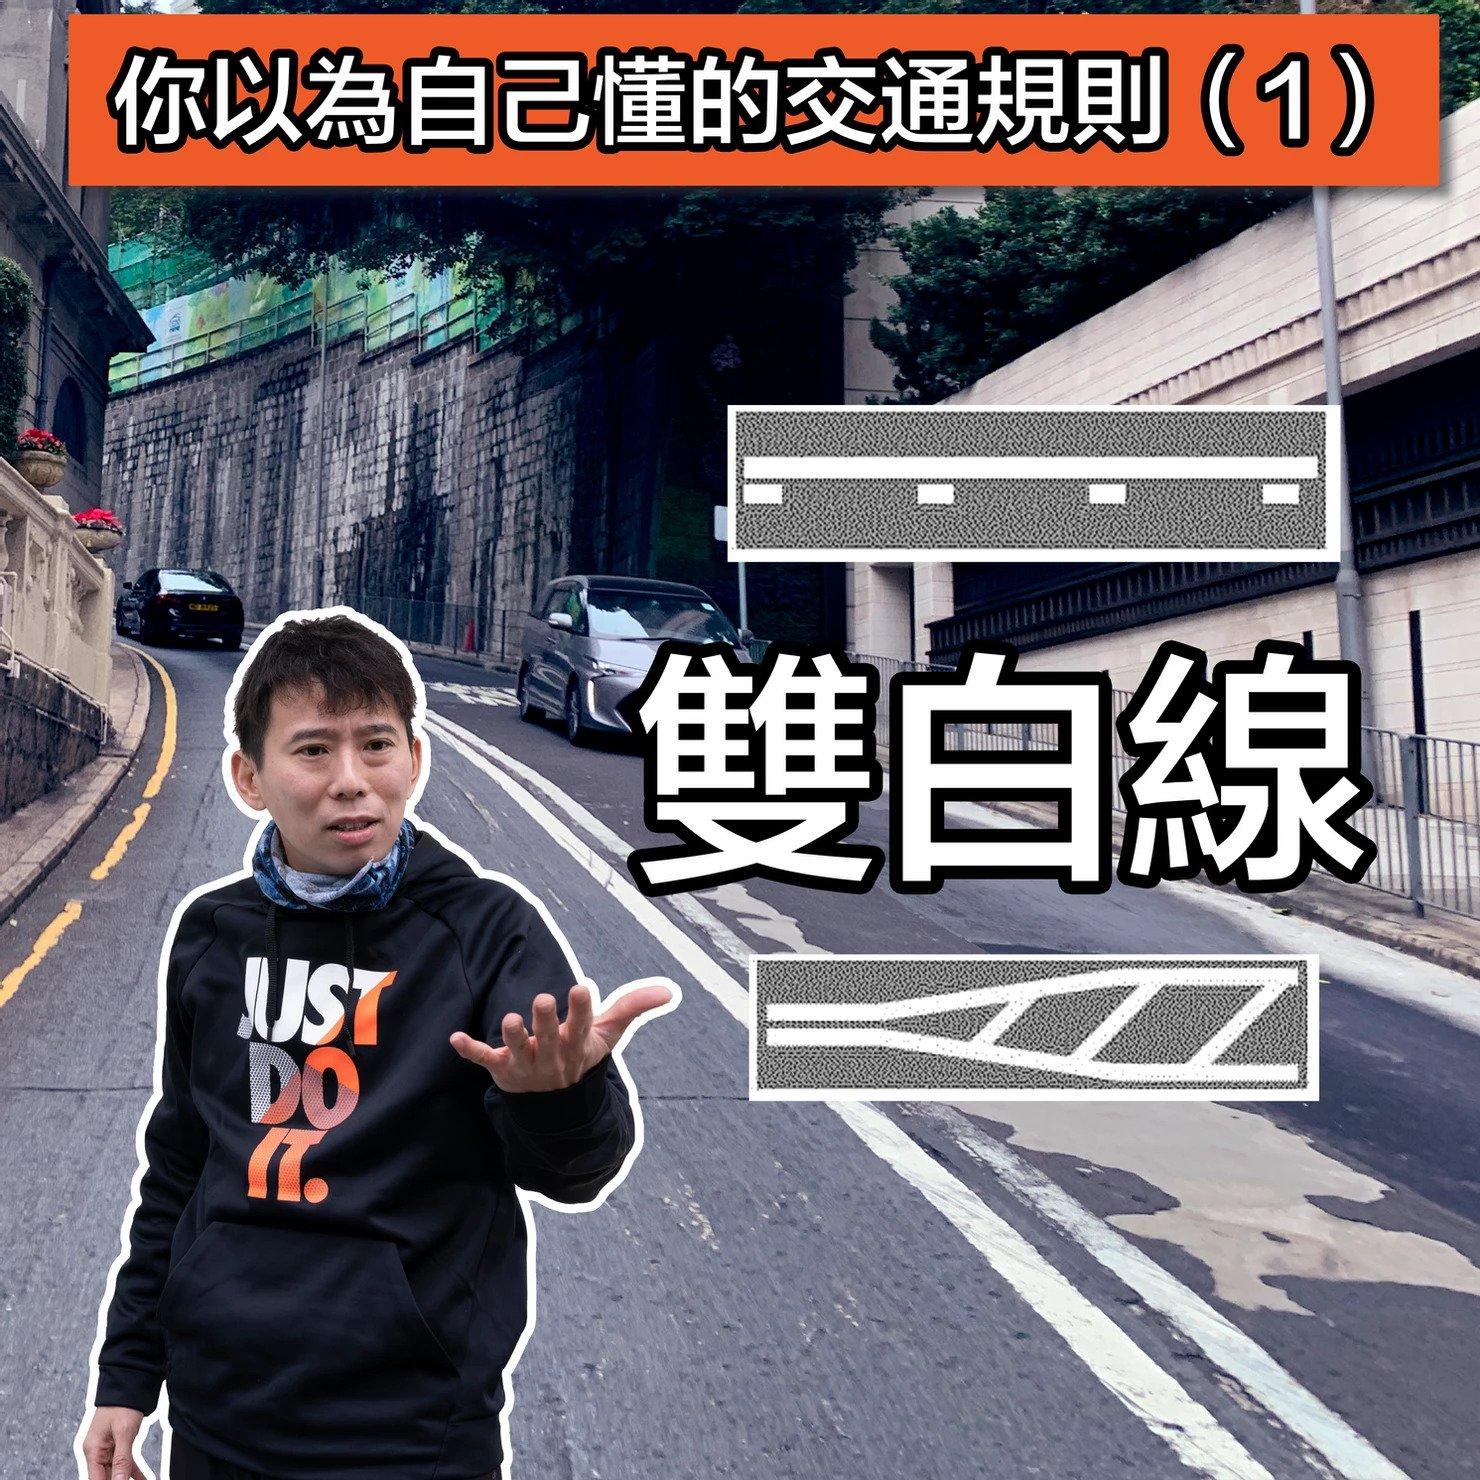 雙白線-交通規則